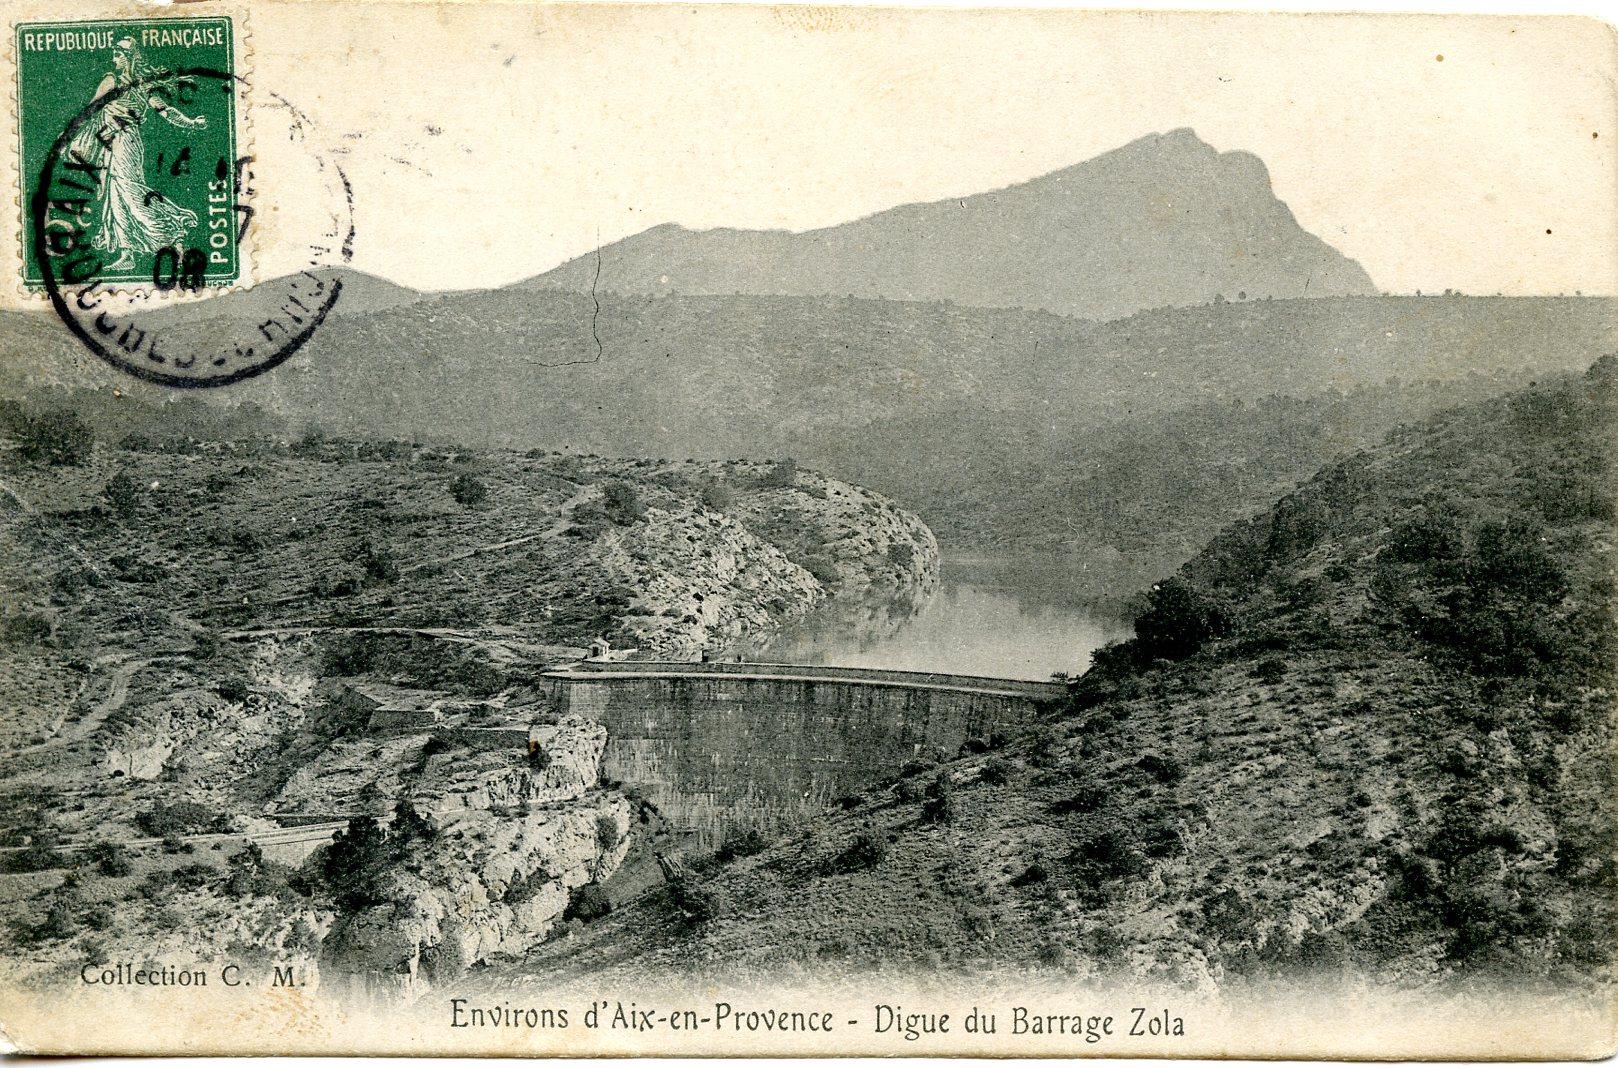 Image - Le barrage Zola, près d'Aix-en-Provence